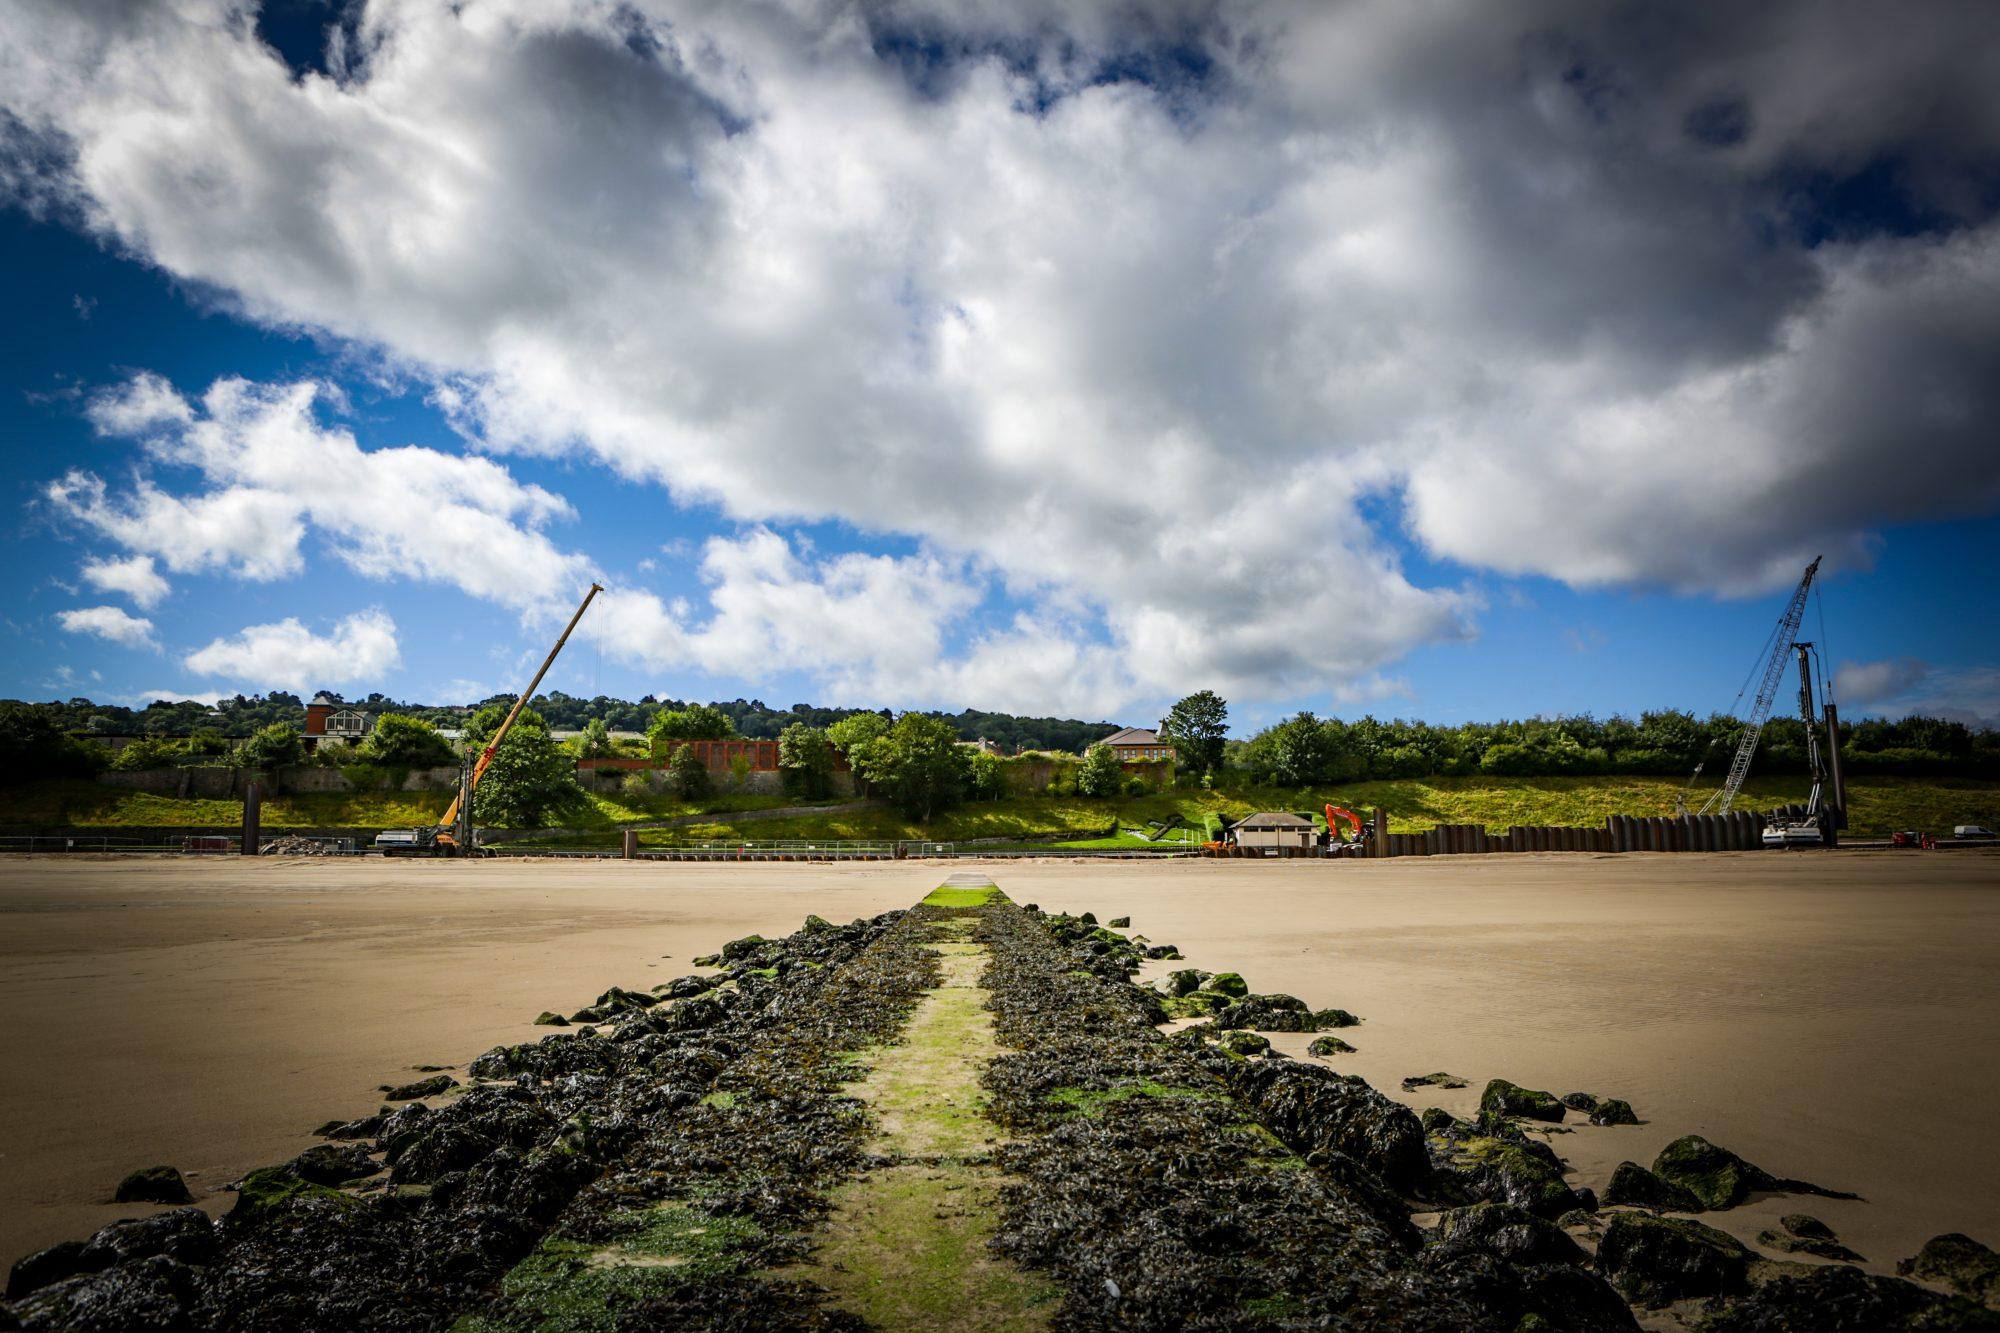 Colwyn Bay Beachfront regeneration project